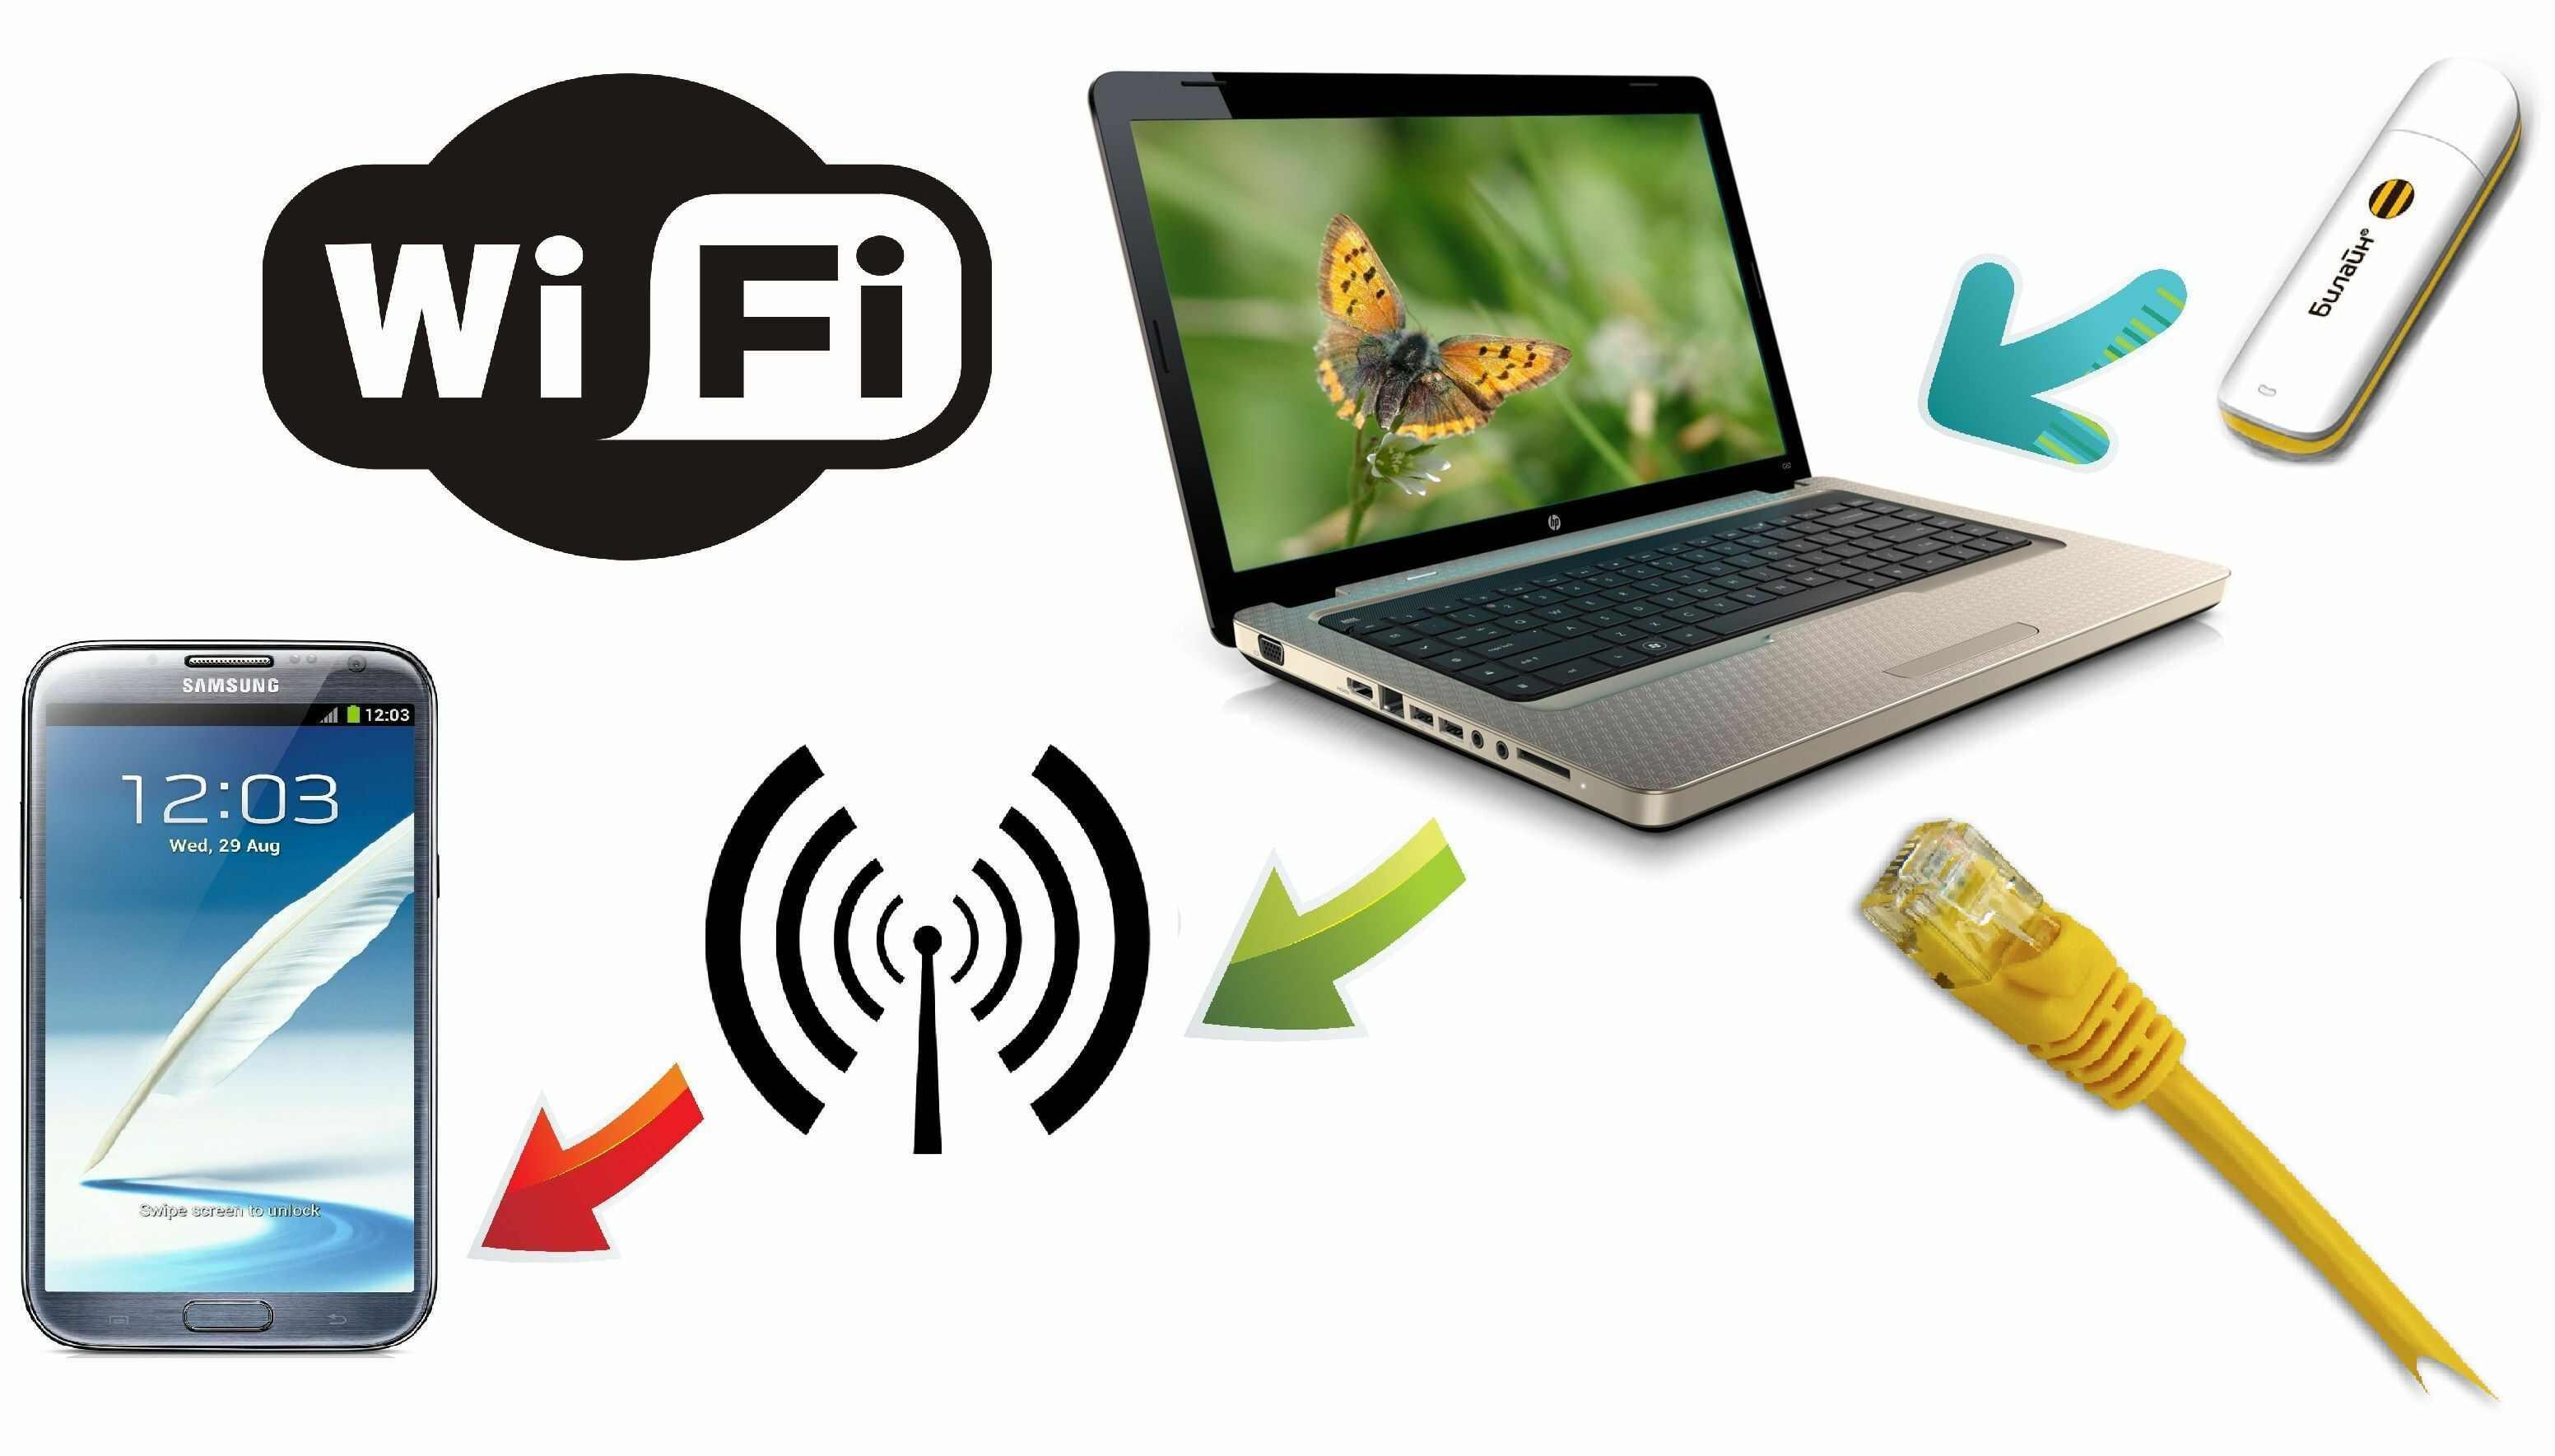 Програмку точки wifi ноутбука